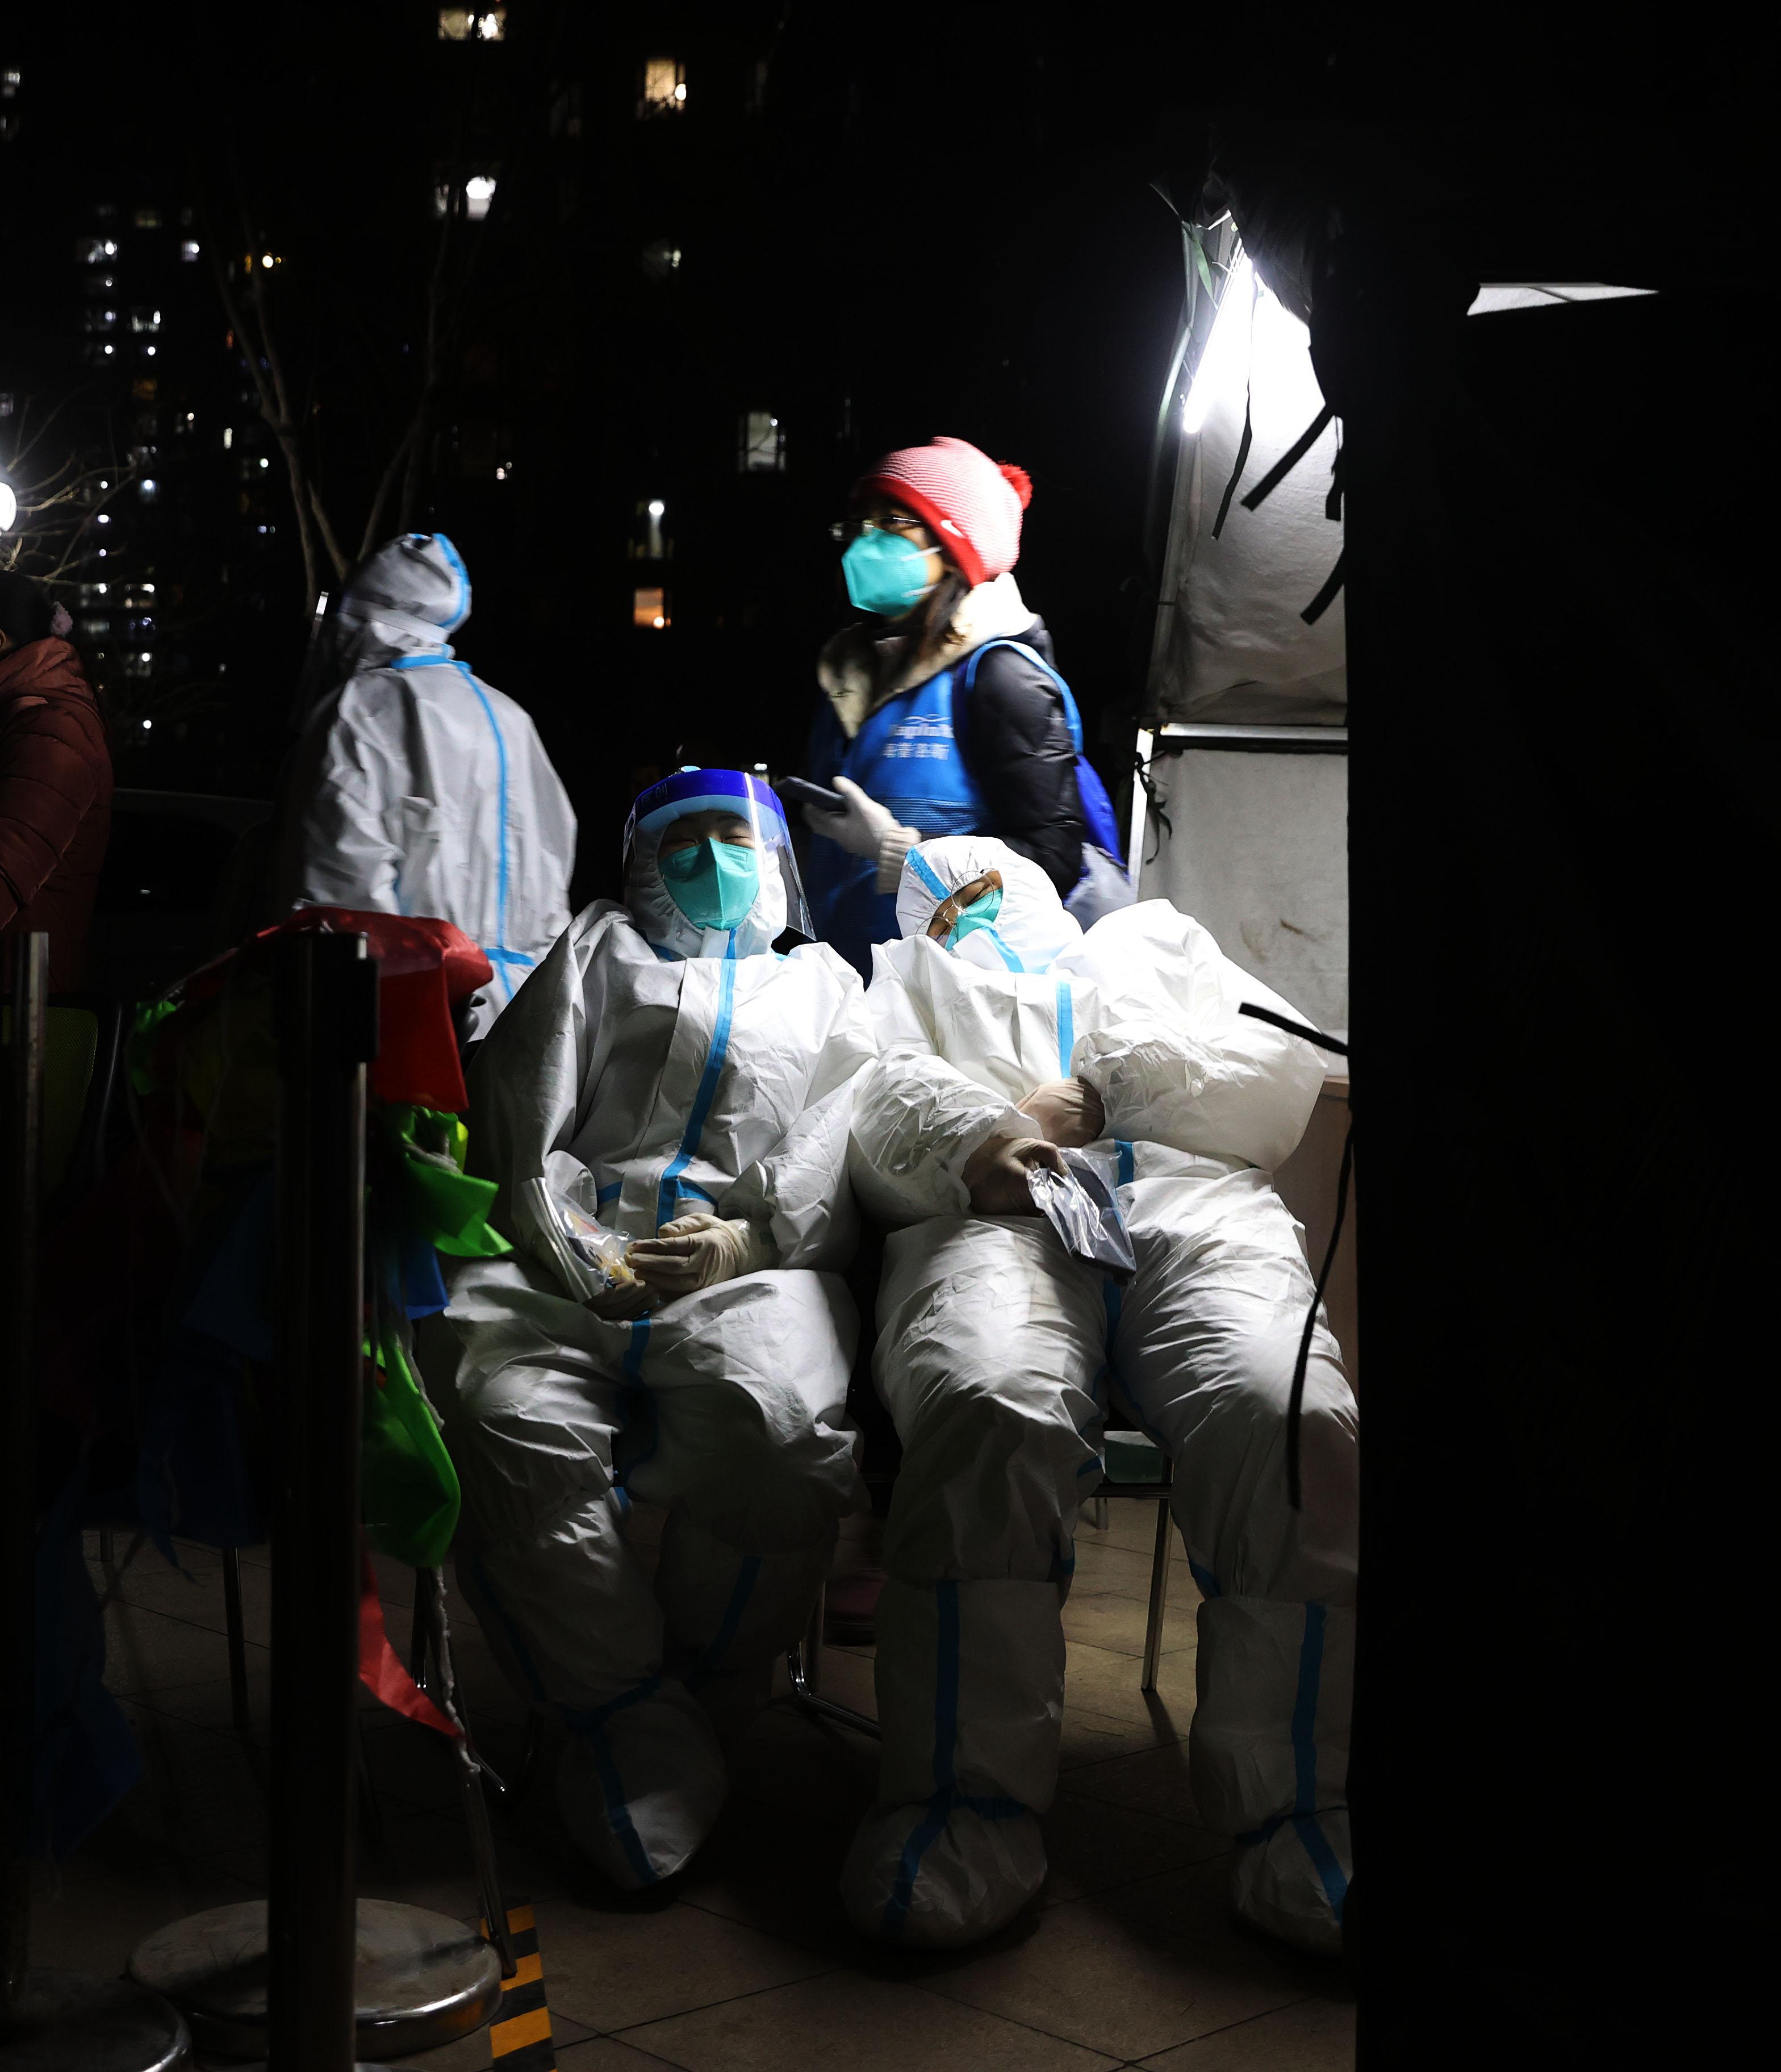 1月12日夜,来自广东深圳核酸检测服务队的采样人员利用检测间隙小憩。